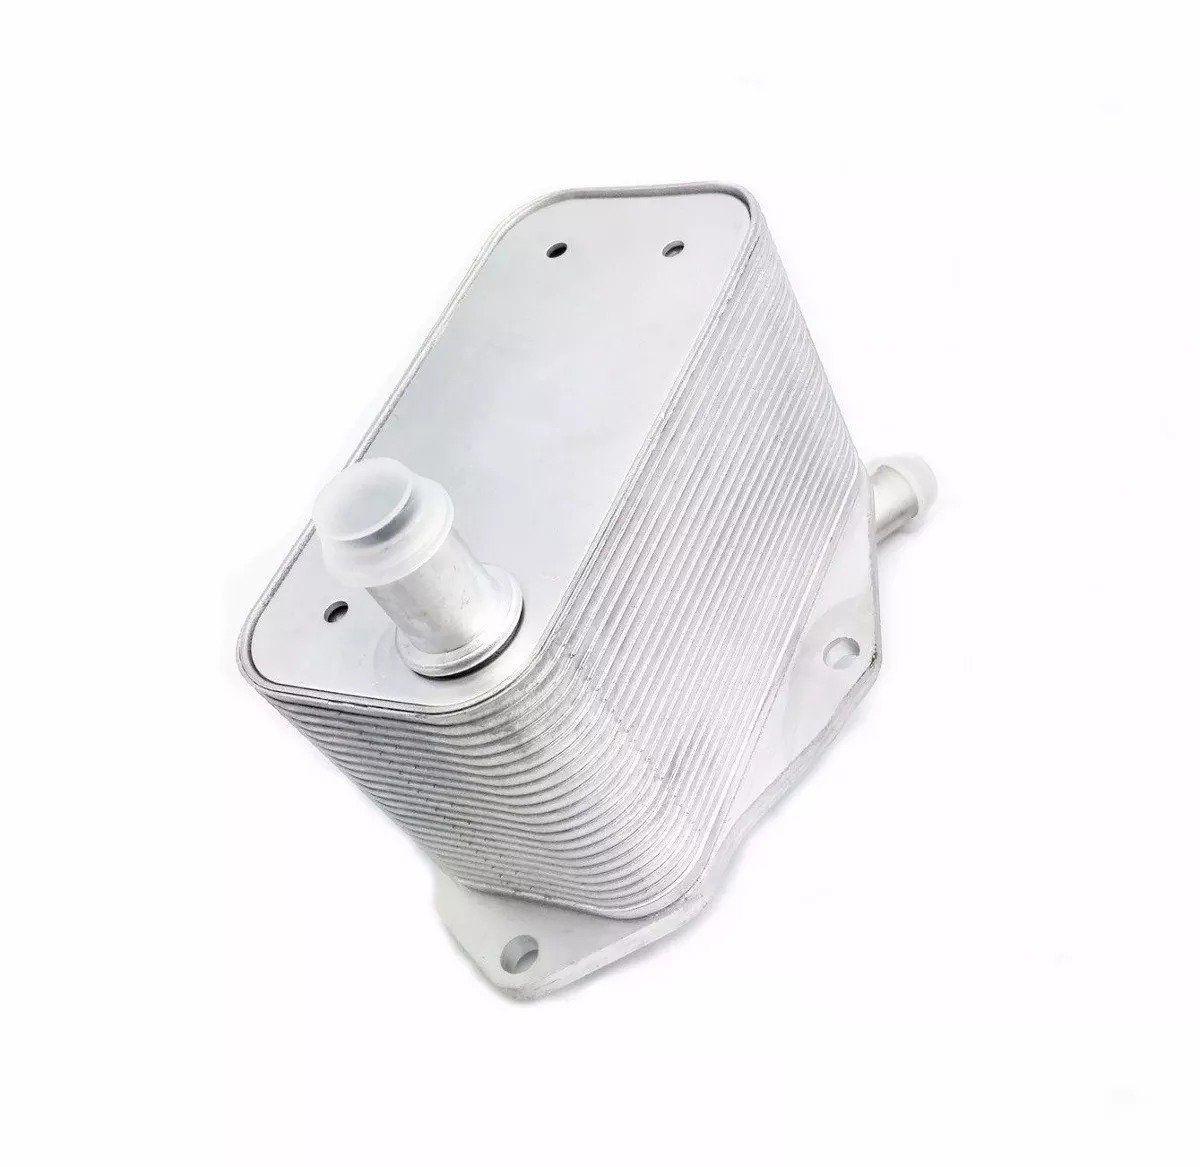 Resfriador Trocador de calor Motor Volvo Xc60 3.0 V6 T6 De 2010 A 2015